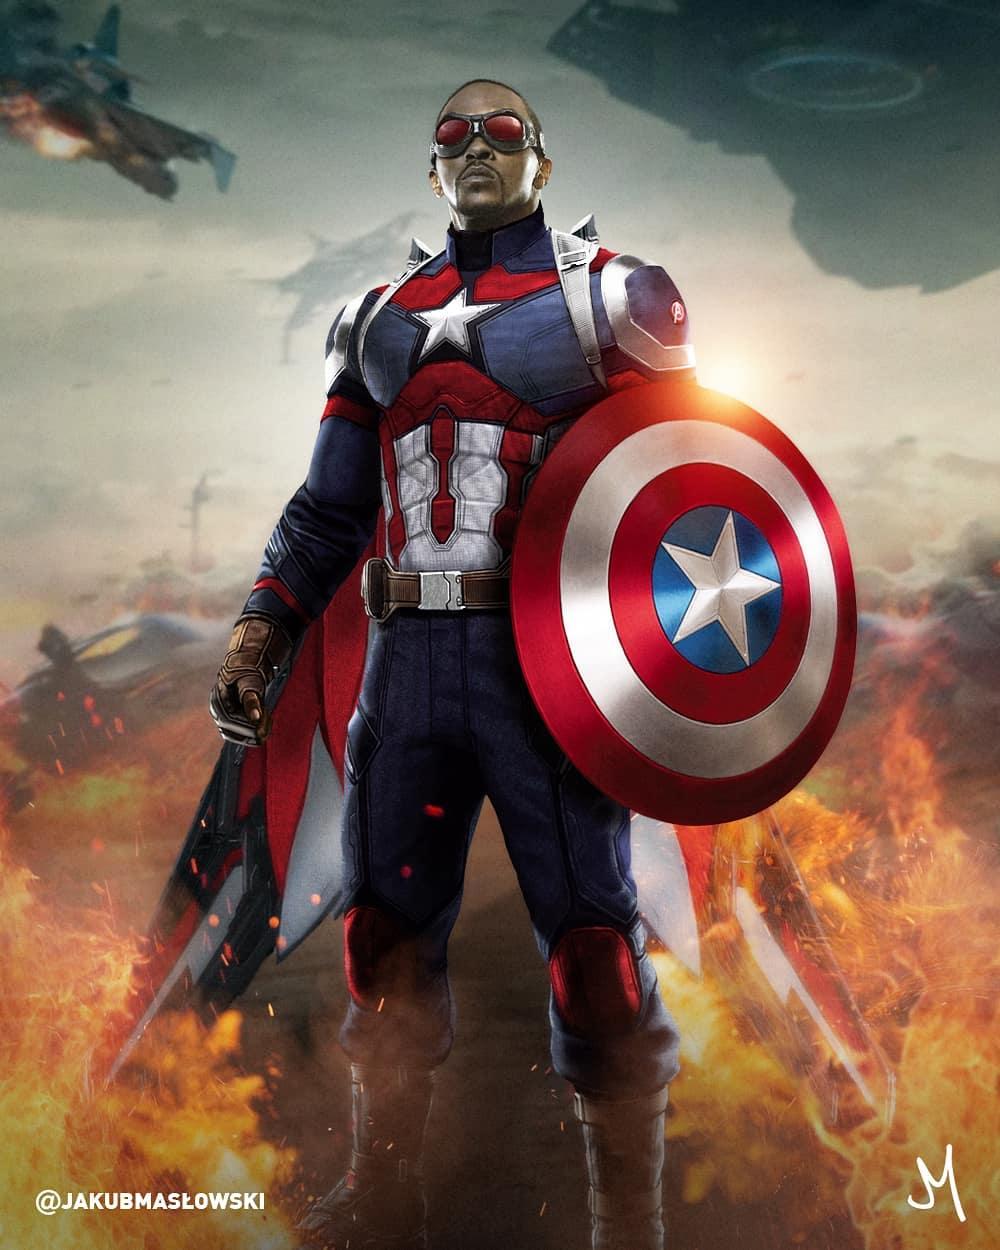 Falcon Captain America fan art